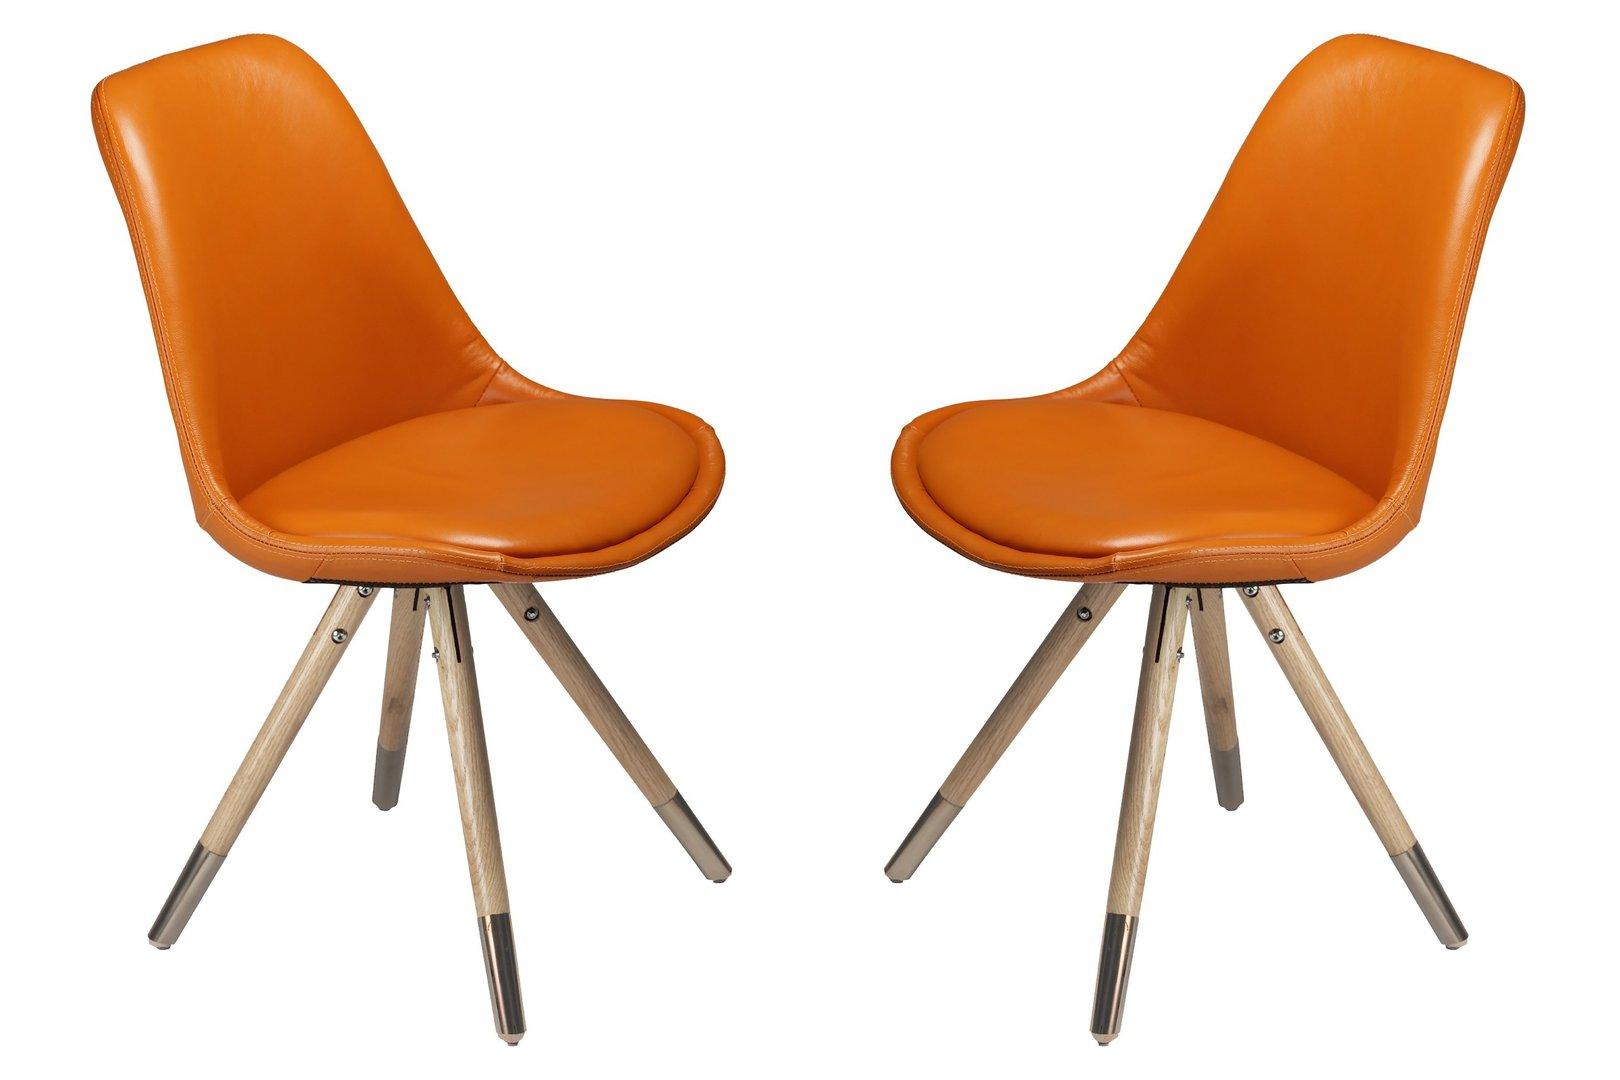 stuhl orso 4er set edelstahl von dan form. Black Bedroom Furniture Sets. Home Design Ideas